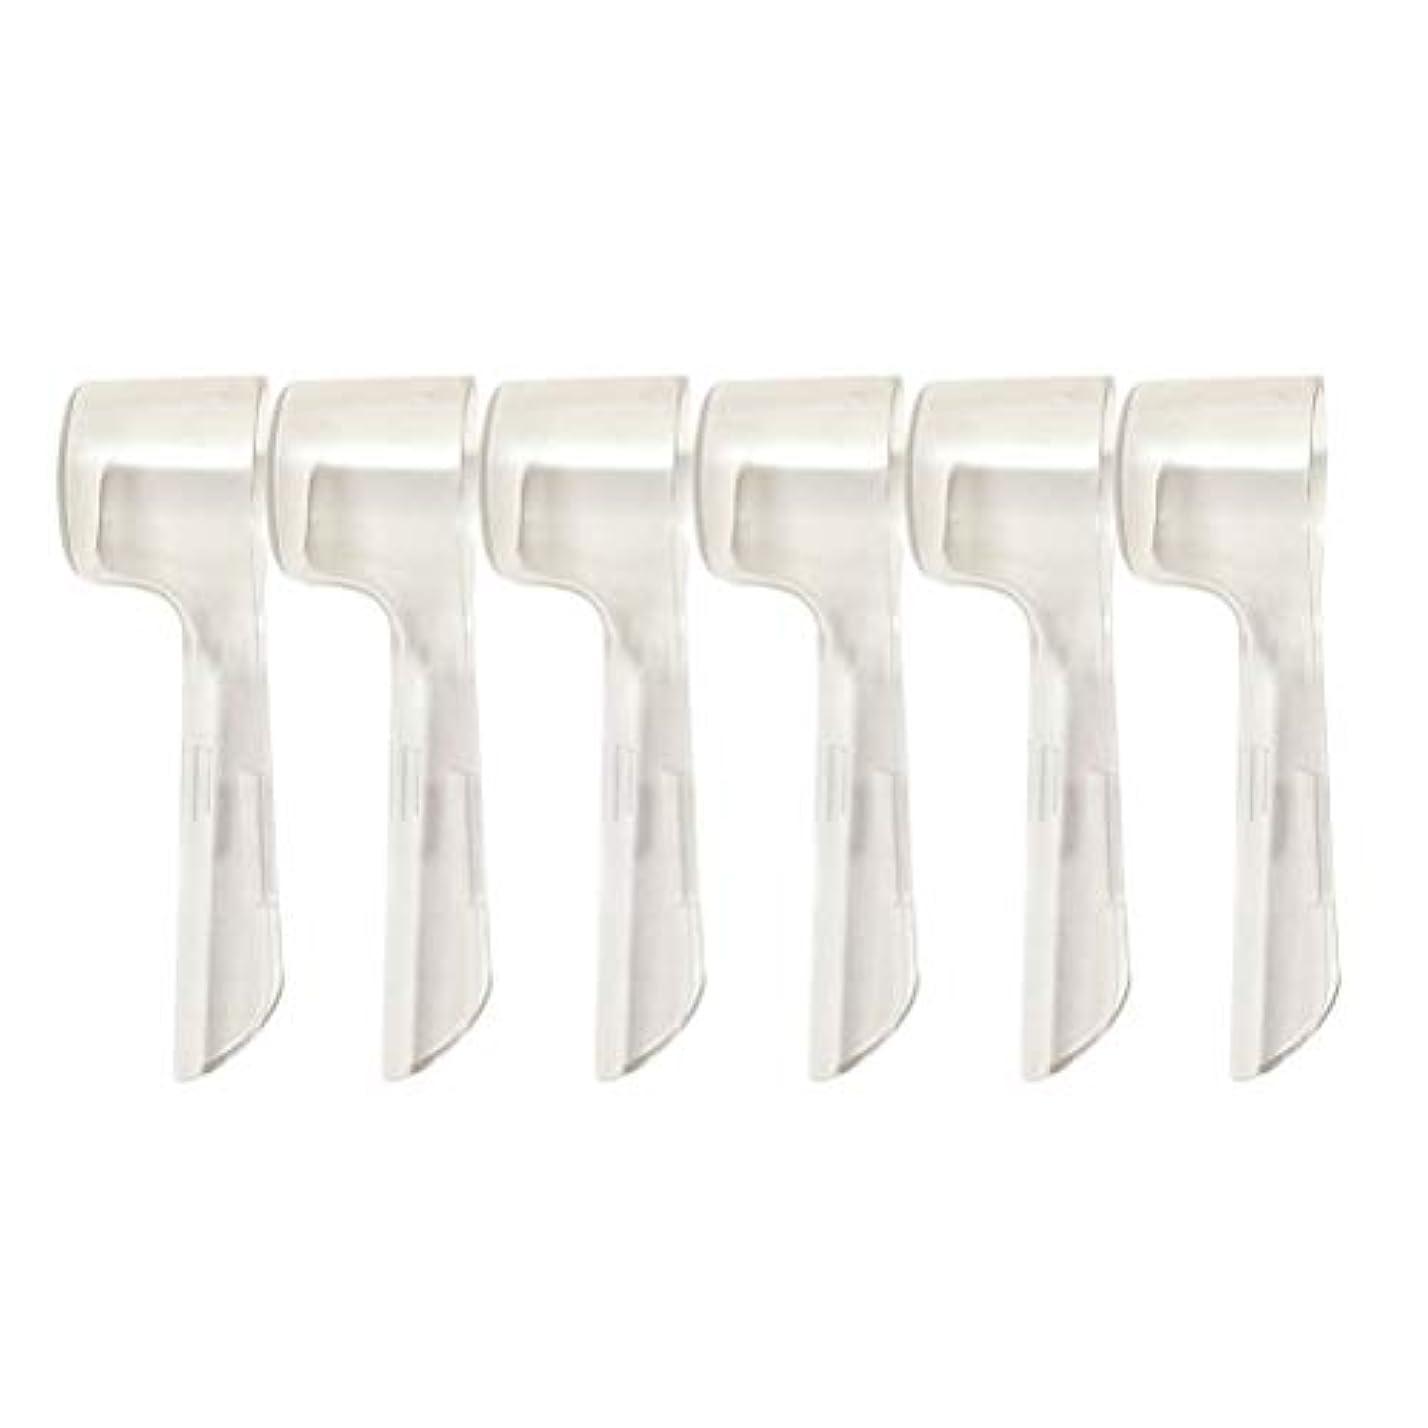 ダニサイクルスポークスマンHealifty 電動歯ブラシヘッド 保護カバー 旅行 キャップ 日常の使用で細菌をほこりから守る 10ピース